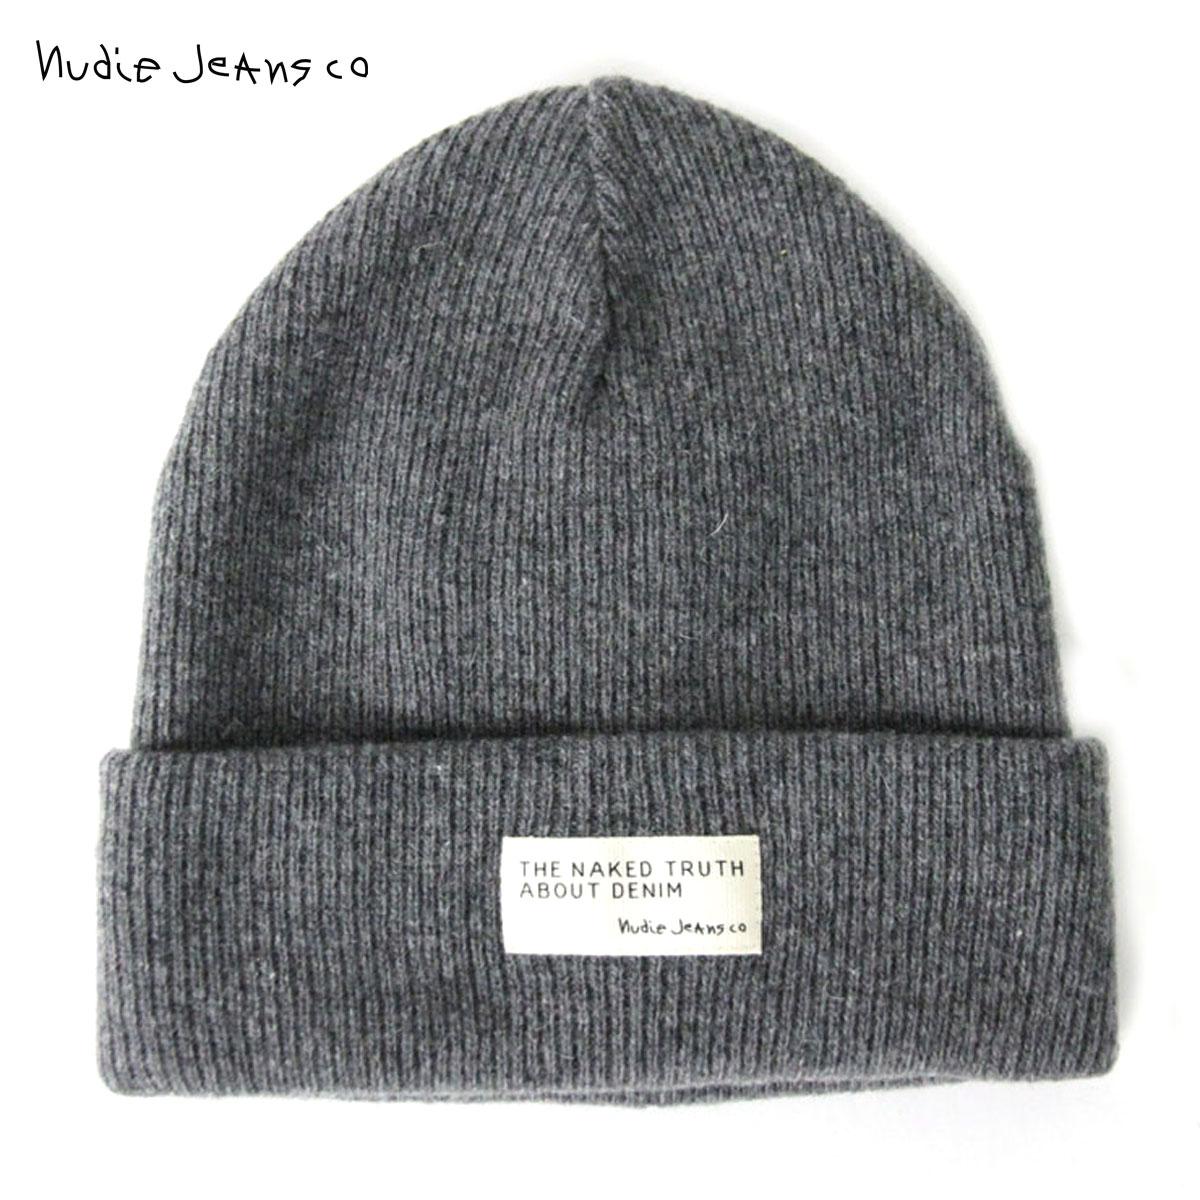 【ポイント10倍 12/19 20:00~12/26 09:59まで】 ヌーディージーンズ Nudie Jeans 正規販売店 帽子 ヌーディージーンズ Liamsson Beanie Grey 180570